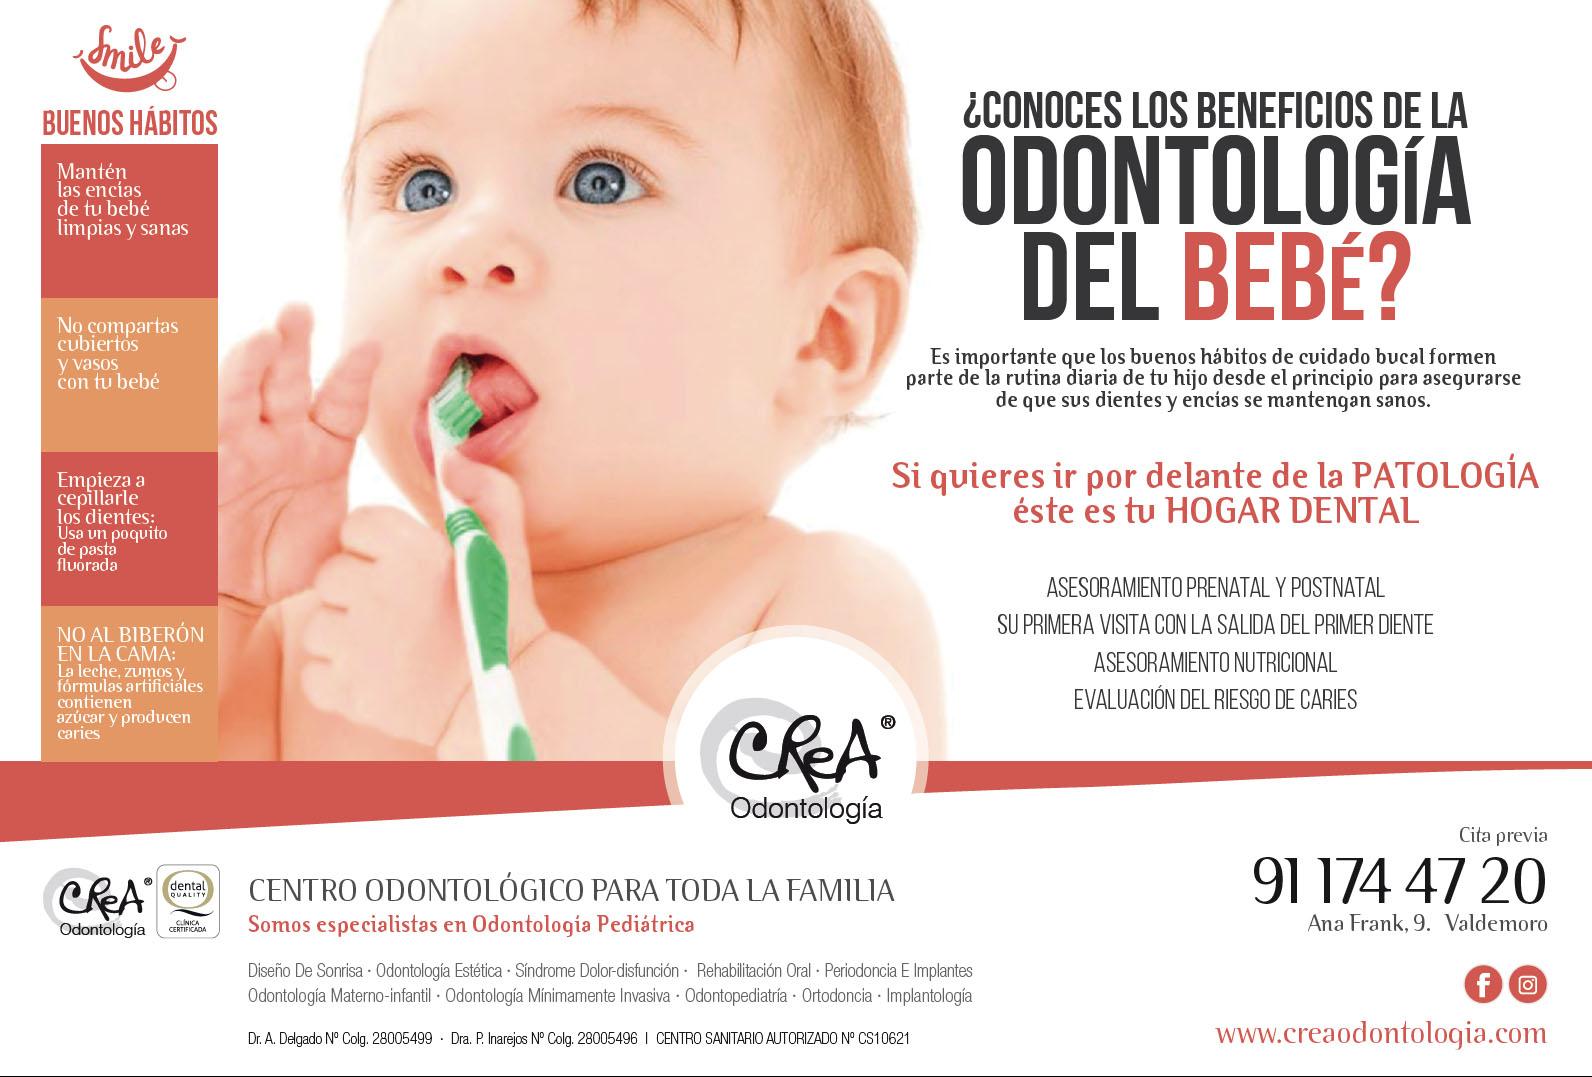 beneficios de la odontologia del bebe